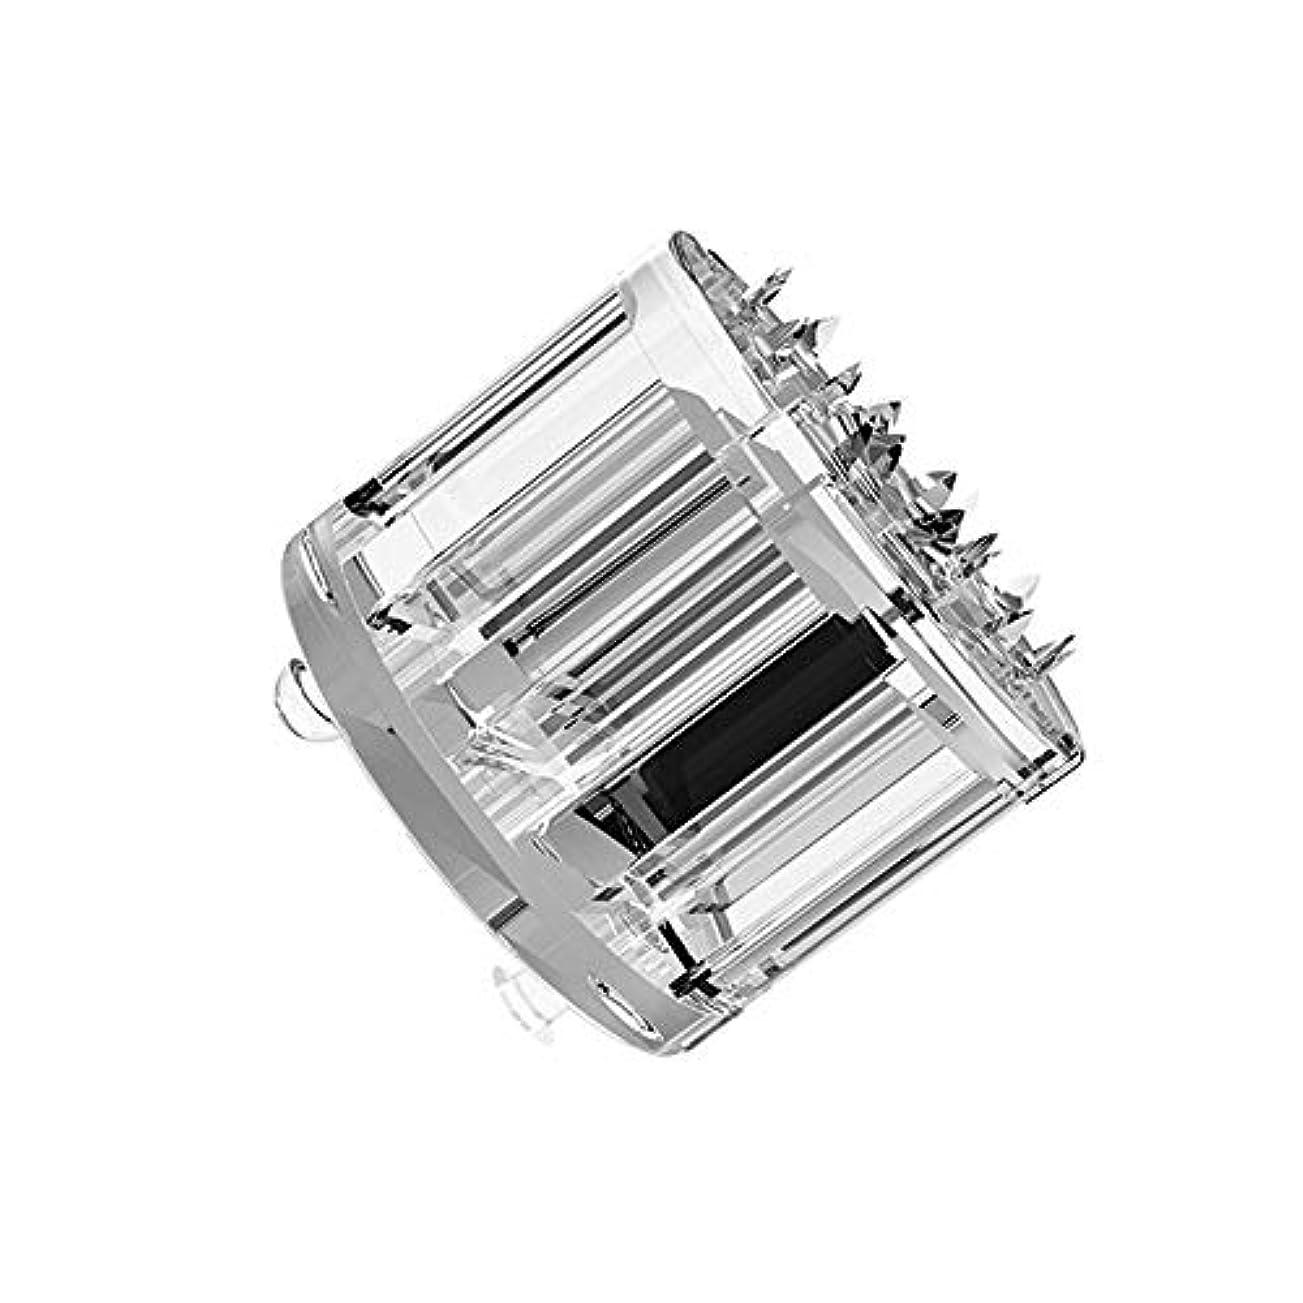 直感お世話になったブリークMTS Home Care Micro pin-10ea (ticktok用) ティク ホームケア マイクロピン 化粧品の浸透 コラーゲン 肌の弾力 アップ マイクロピン 毛穴や小じわ 角質ケア